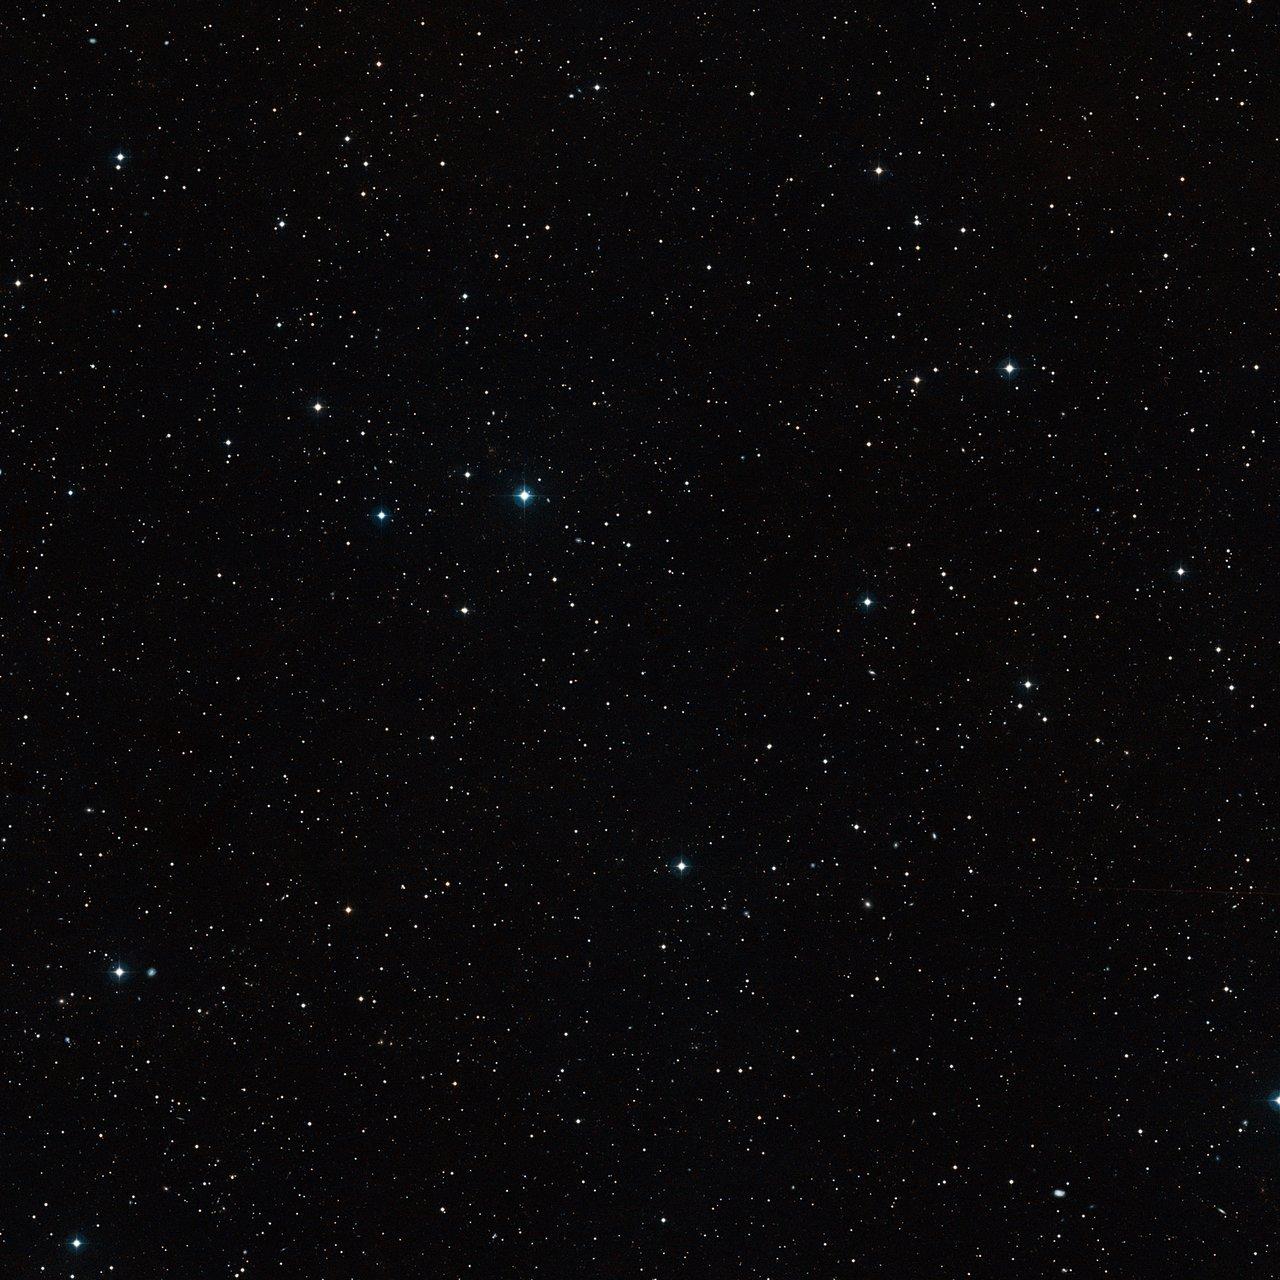 Окрестности двойной системы CFBDSIR 1458+10, удалённой от Солнечной системы на расстояние 75 световых лет